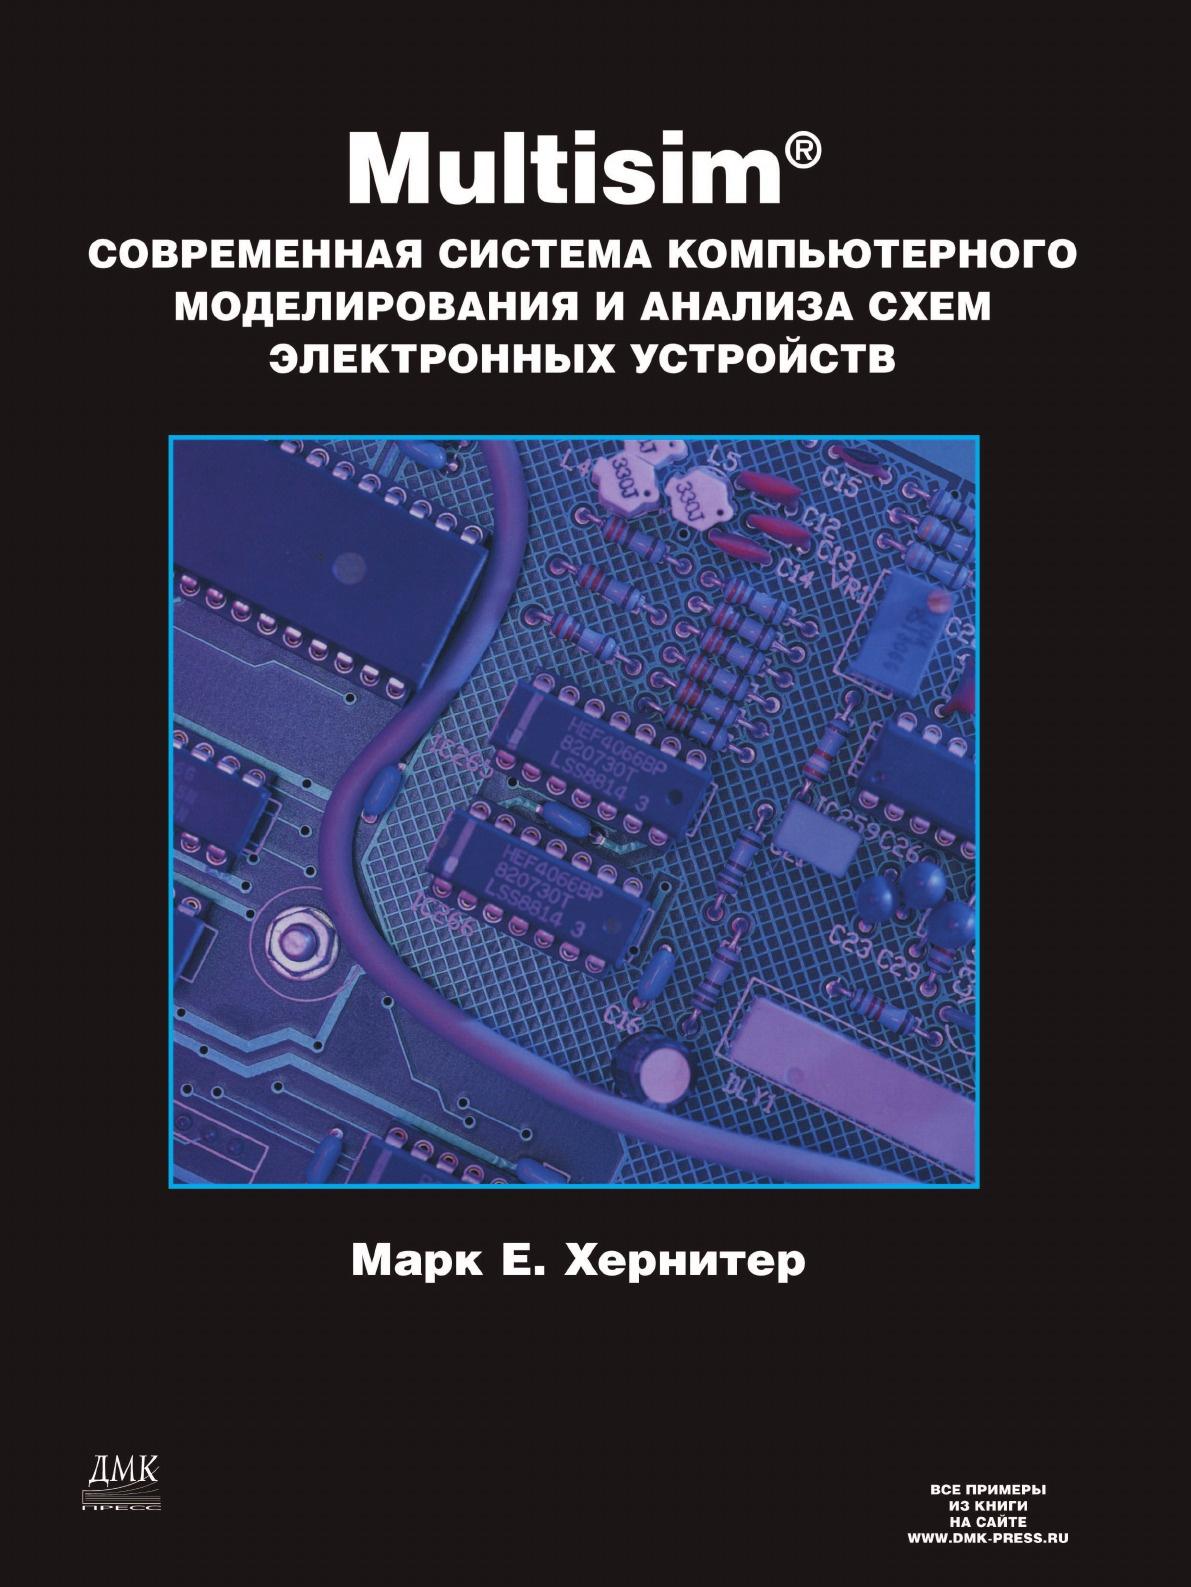 М.Е. Хернитер Multisim 7. Современная система компьютерного моделирования и анализа схем электронных устройств